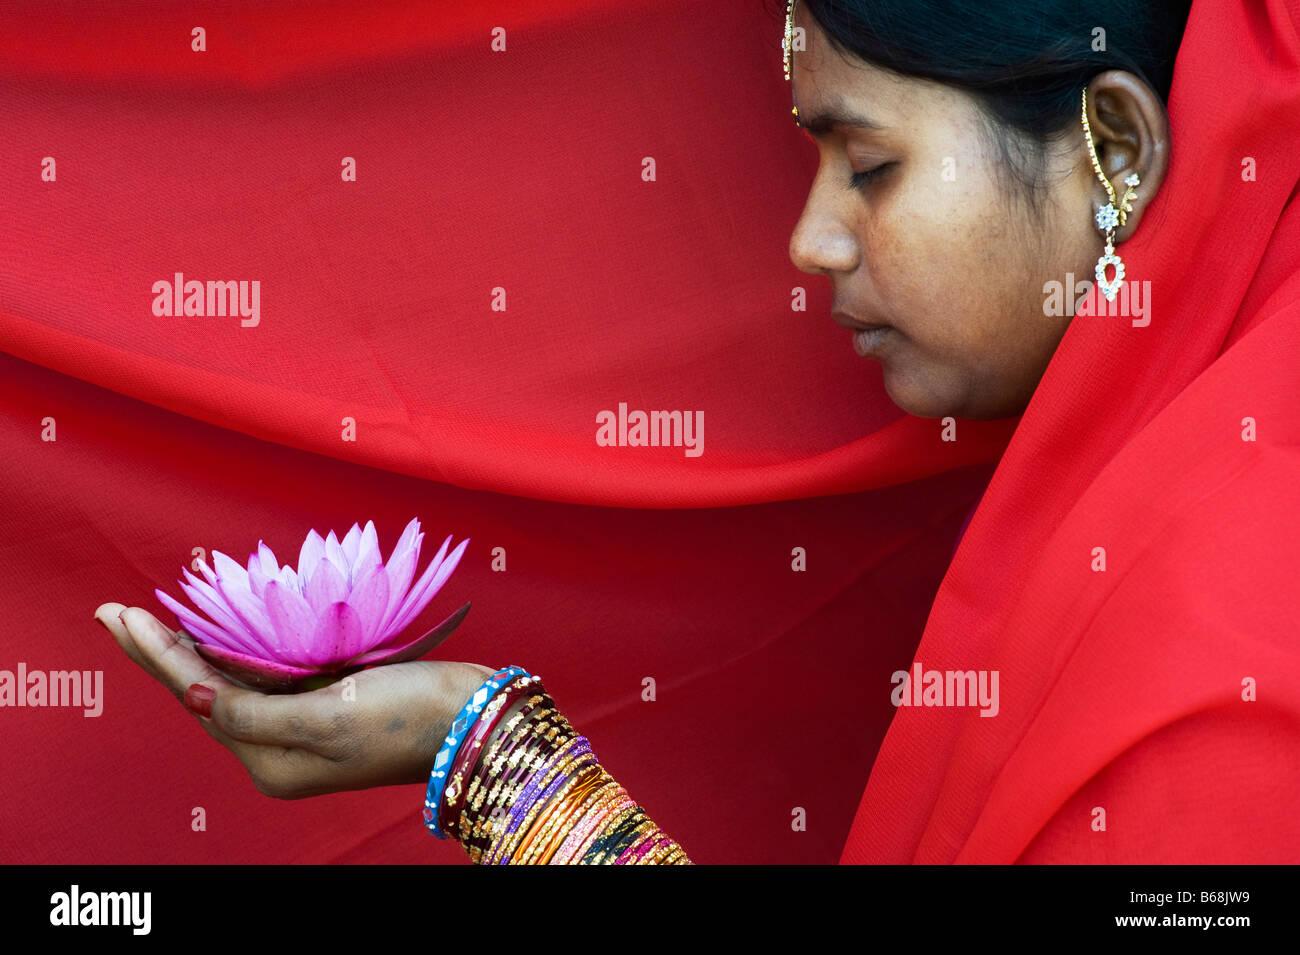 Mulher indiana oferecendo uma Nymphaea Tropical flor nenúfar em um vermelho sari Imagens de Stock